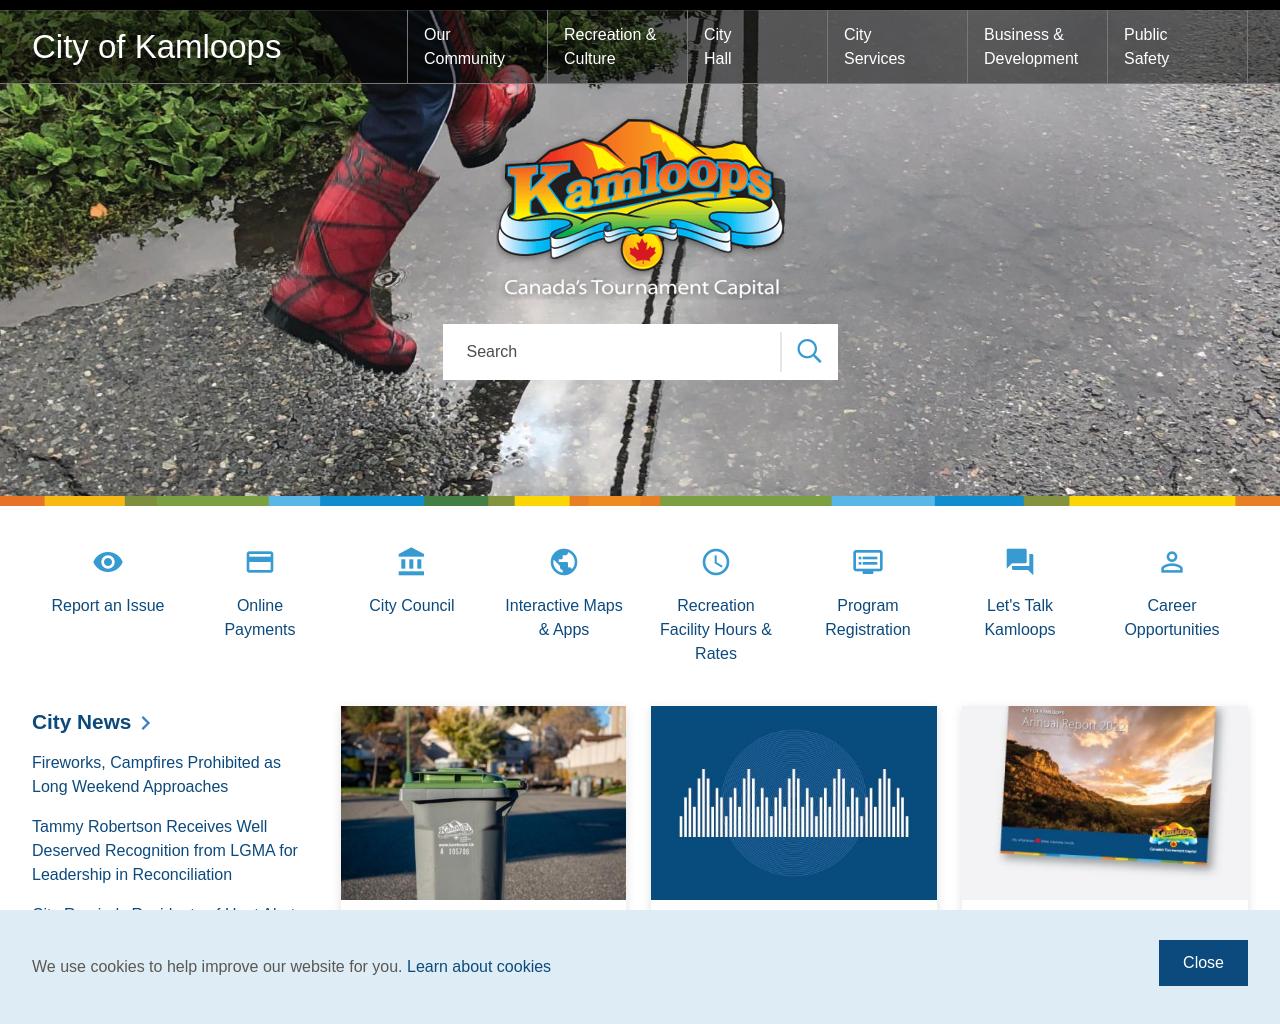 kamloops.ca